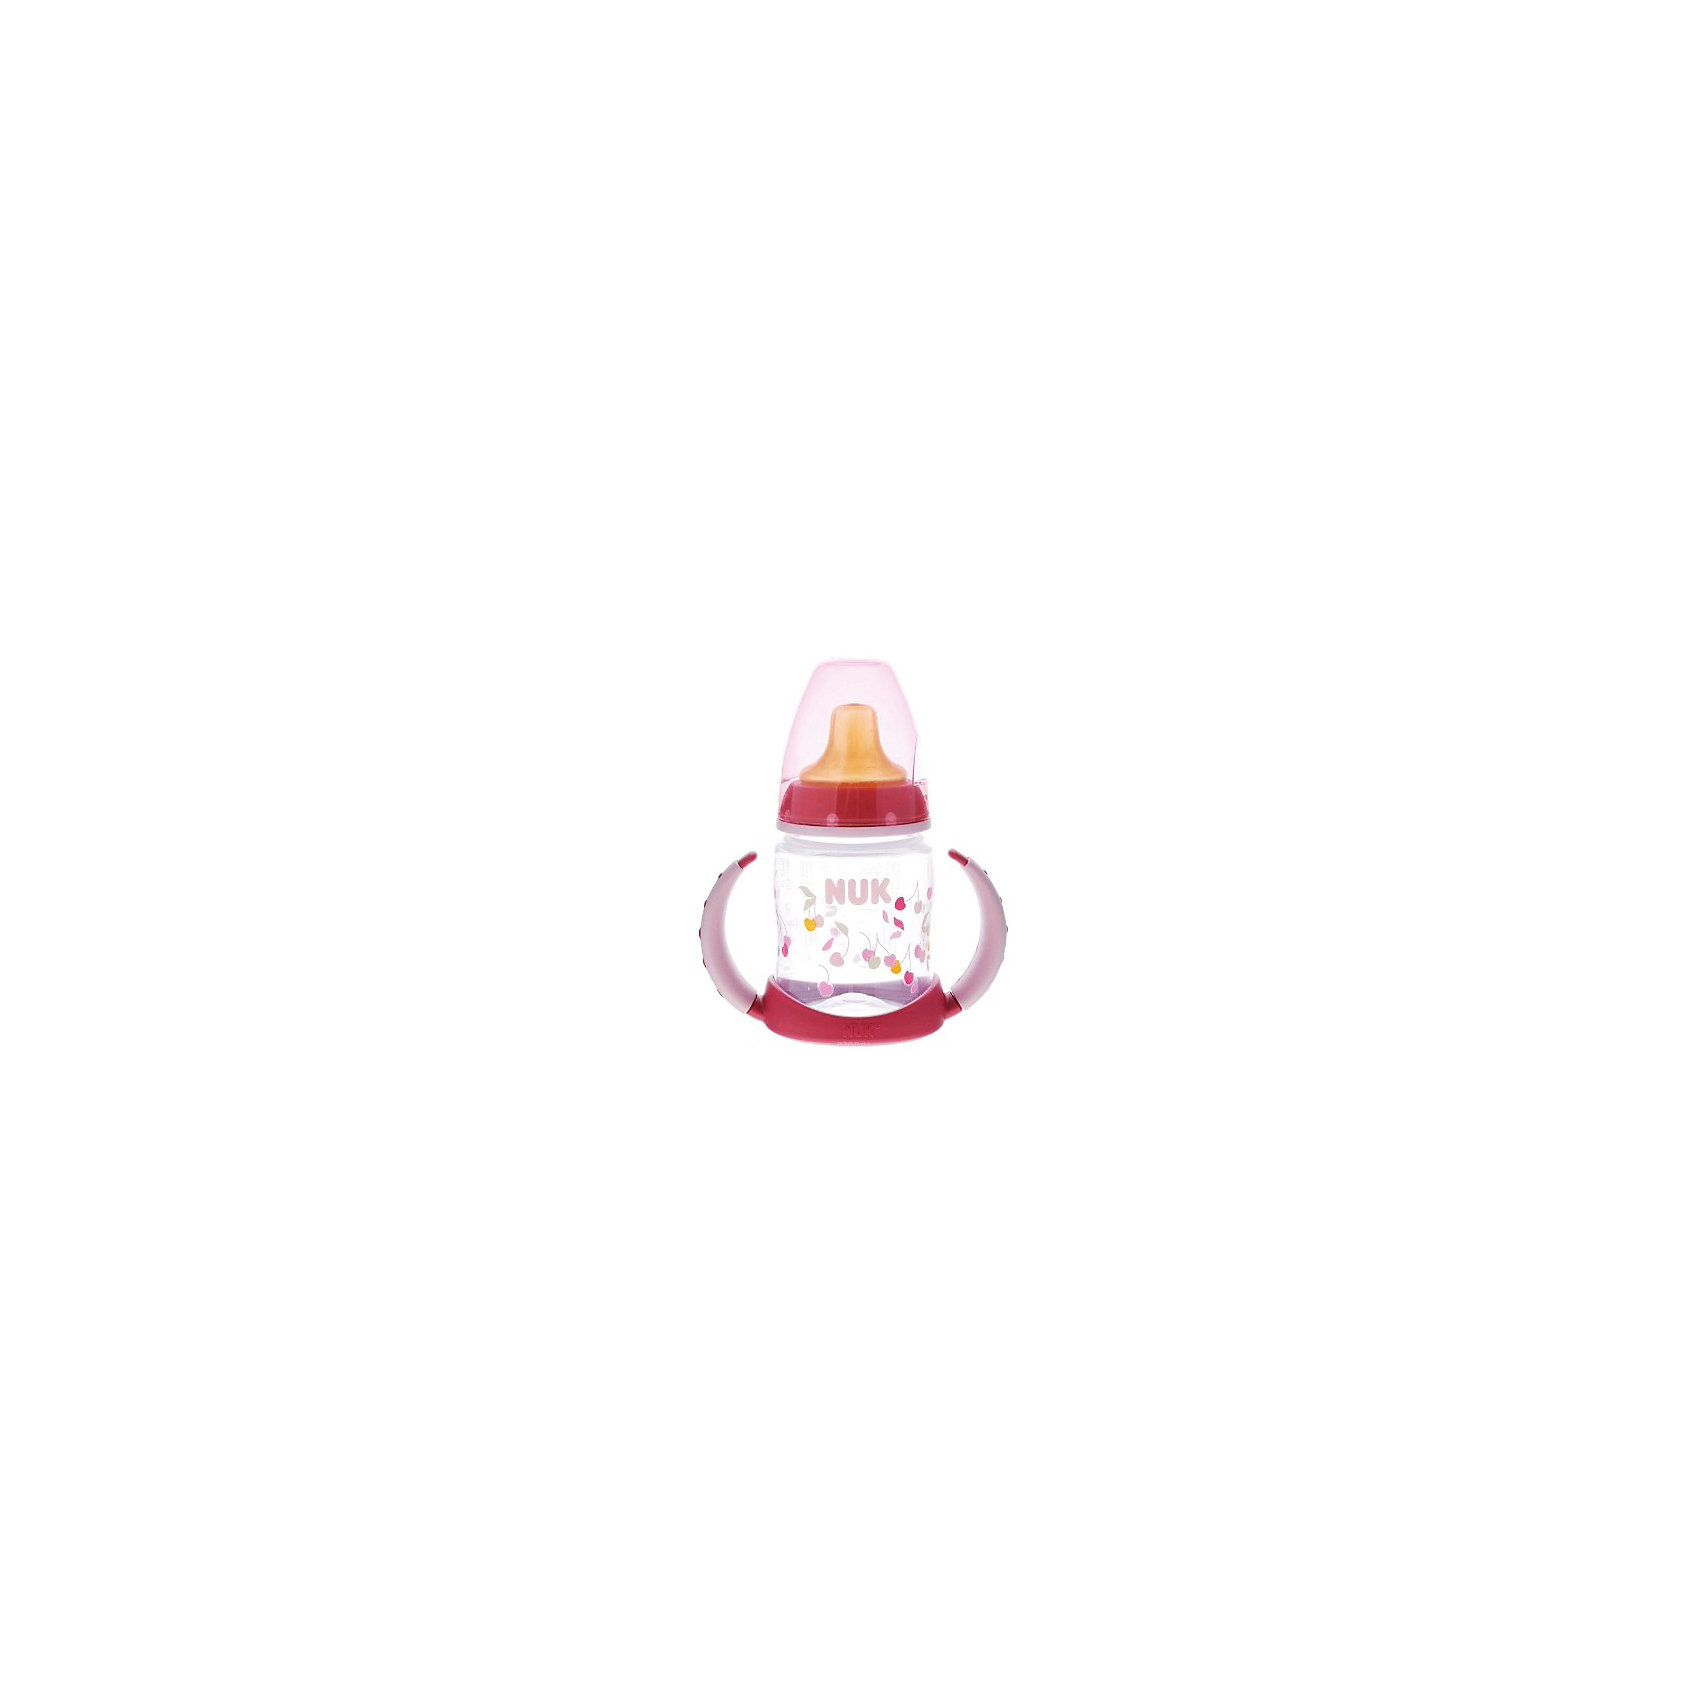 Бутылочка First Choice пласт. (ПП) 150 мл., NUK, зеленый110 - 180 мл.<br>Бутылочка First Choice пласт. (ПП) 150 мл. от известного производителя высококачественных товаров для новорожденных NUK (Нук). Эта оригинальная бутылочка с латексной насадкой для питья идеально подходит деткам на смешанном питании. Удобные ручки понравятся малышу – за них очень удобно хвататься и они не скользят. Безопасные материалы и отсутствие в составе бутылочки и соски бисфенола А отвечают всем необходимым стандартам. Специальное строение соски позволяет адаптироваться под ротик малыша и оставляют место для языка. Отверстие для воздуха предотвращает заглатывание воздуха вместе с сосанием и снижает риск возникновения колик у крохи. Удобный колпачок бутылочки сохранит гигиену бутылочки и позволяет брать бутылочку с собой, а закупоривающее кольцо позволит бутылочке быть закрытой даже без колпачка. К бутылочки подходят любые соски из серии NUK First Choice.<br><br>Дополнительная информация:<br><br>- Материал: латекс, пластик<br>- Объем: 150 мл. <br><br>Бутылочку First Choice пласт. (ПП) 150 мл., NUK (Нук) можно купить в нашем интернет-магазине.<br>Подробнее:<br>• Для детей в возрасте: от 6  месяцев<br>• Номер товара: 4998398<br>Страна производитель: Германия<br><br>Ширина мм: 120<br>Глубина мм: 65<br>Высота мм: 185<br>Вес г: 133<br>Возраст от месяцев: -2147483648<br>Возраст до месяцев: 2147483647<br>Пол: Унисекс<br>Возраст: Детский<br>SKU: 4998398